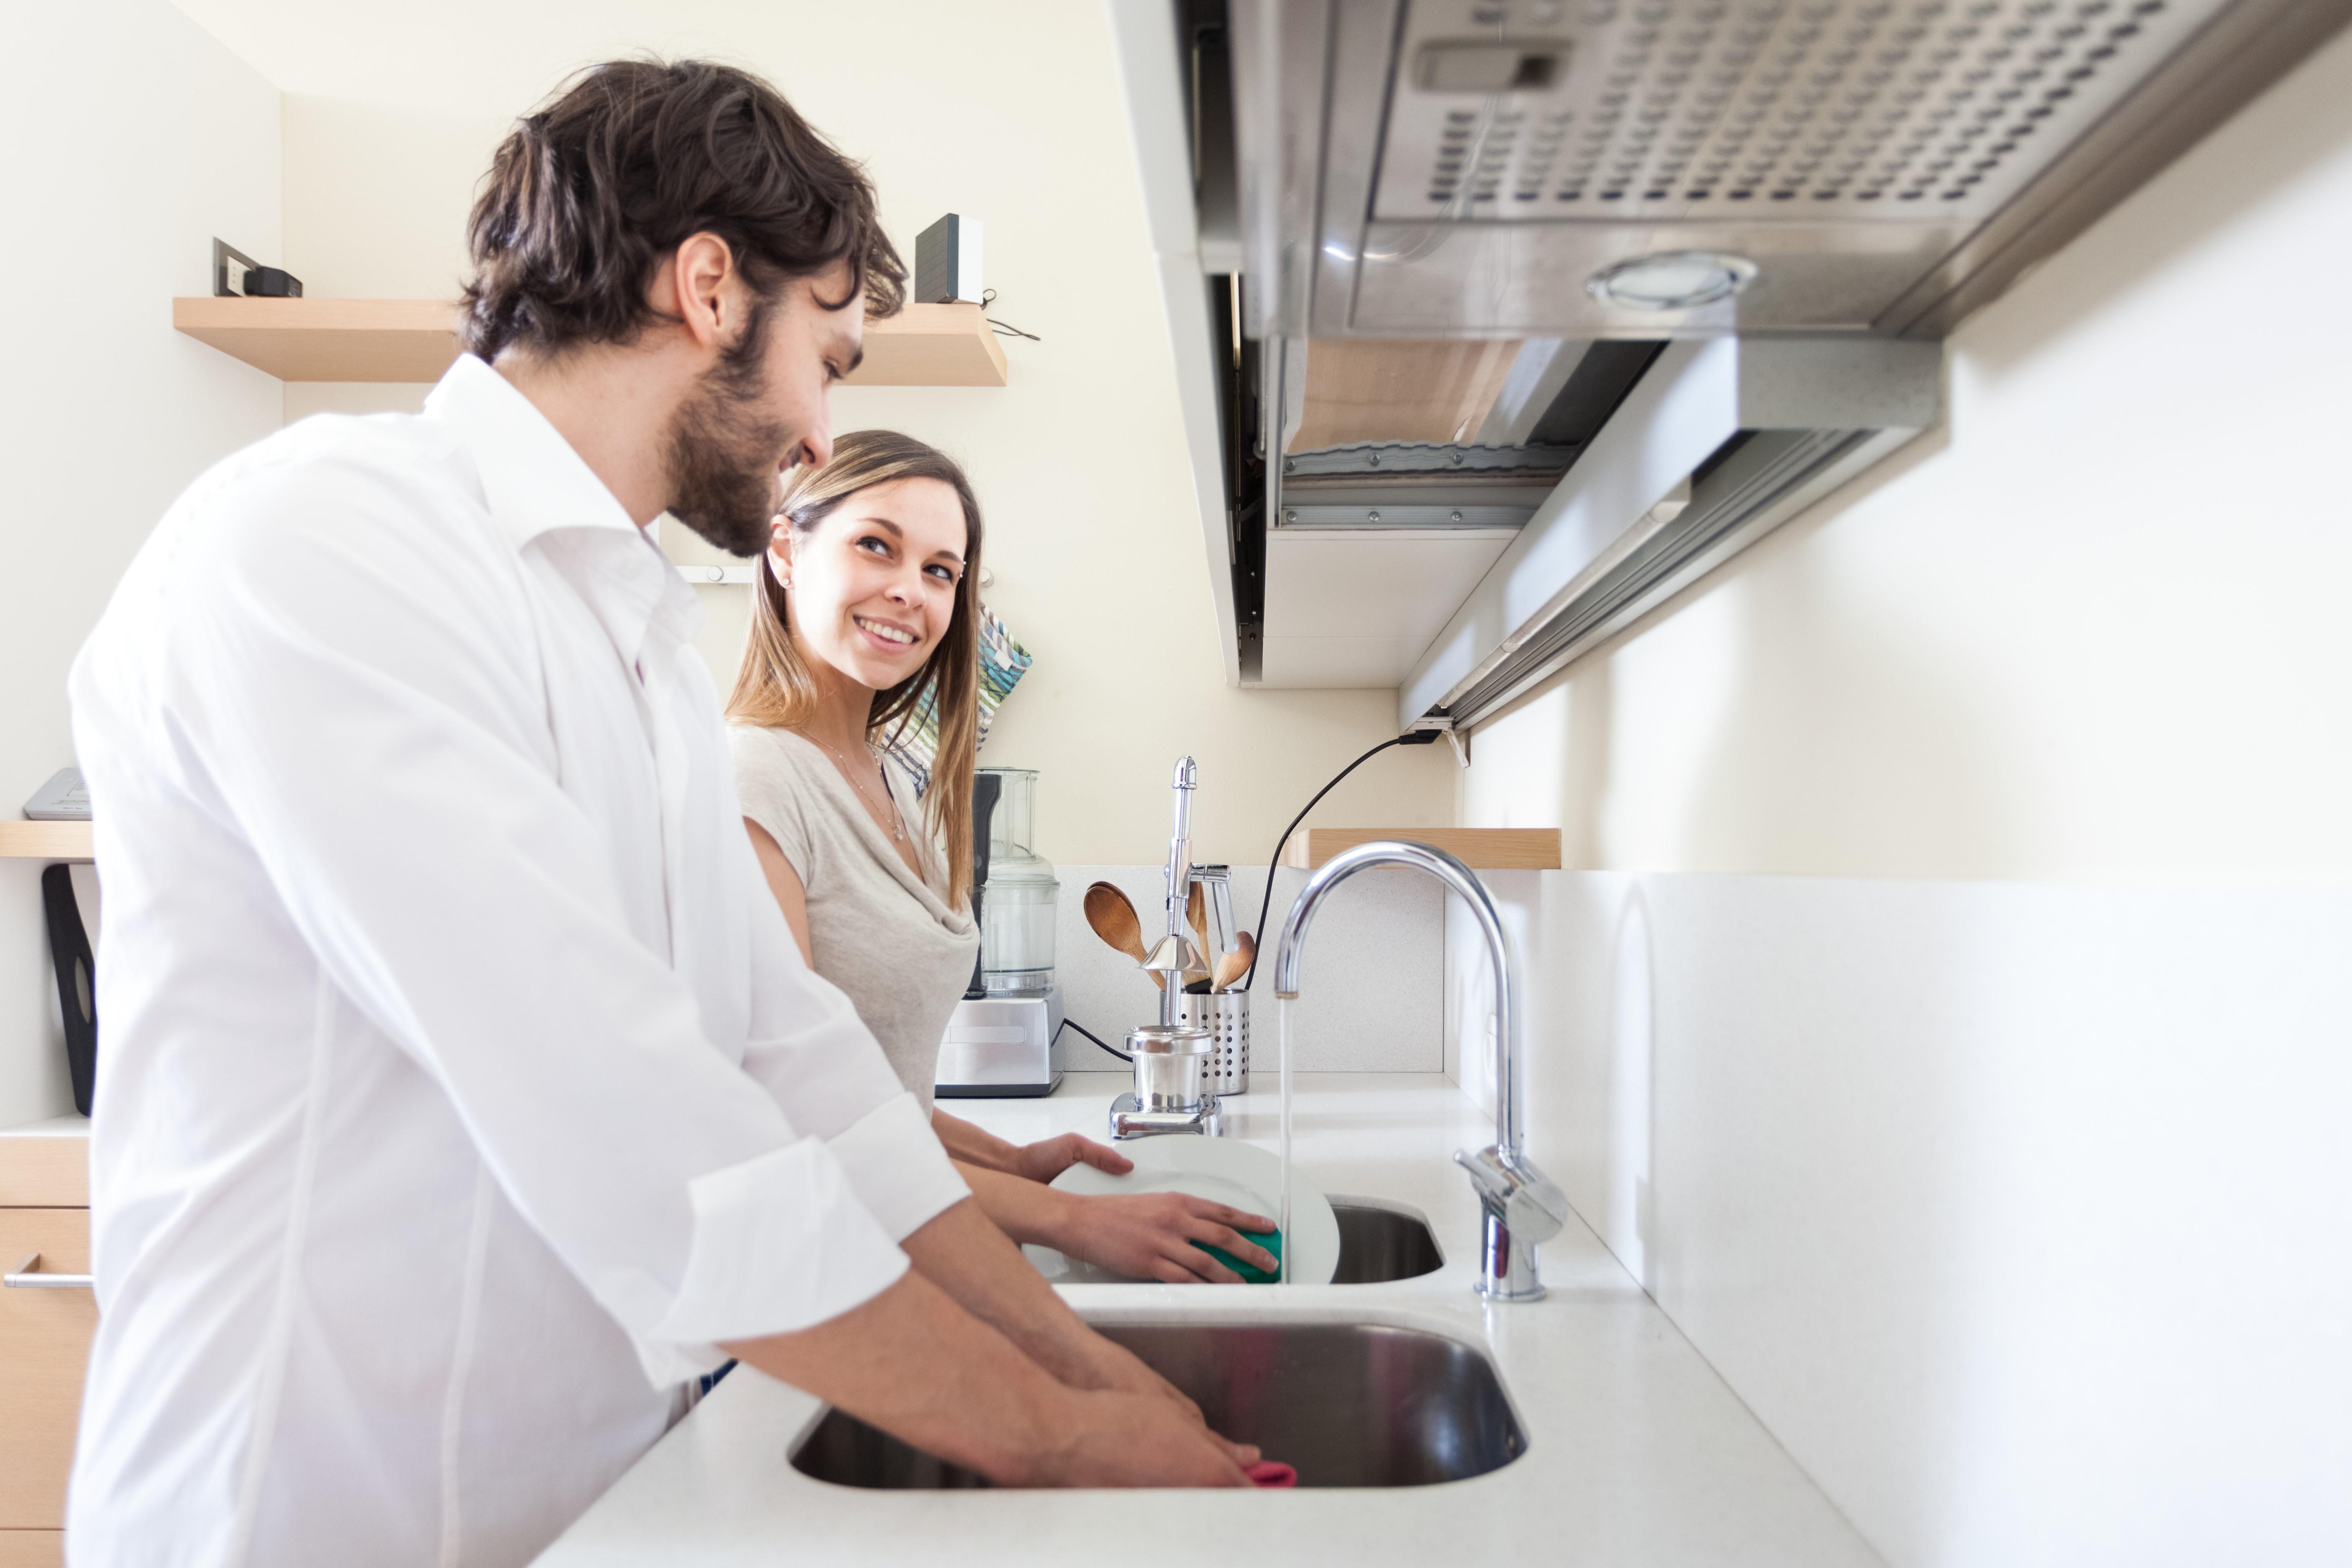 Почему нельзя мыть посуду в чужом доме